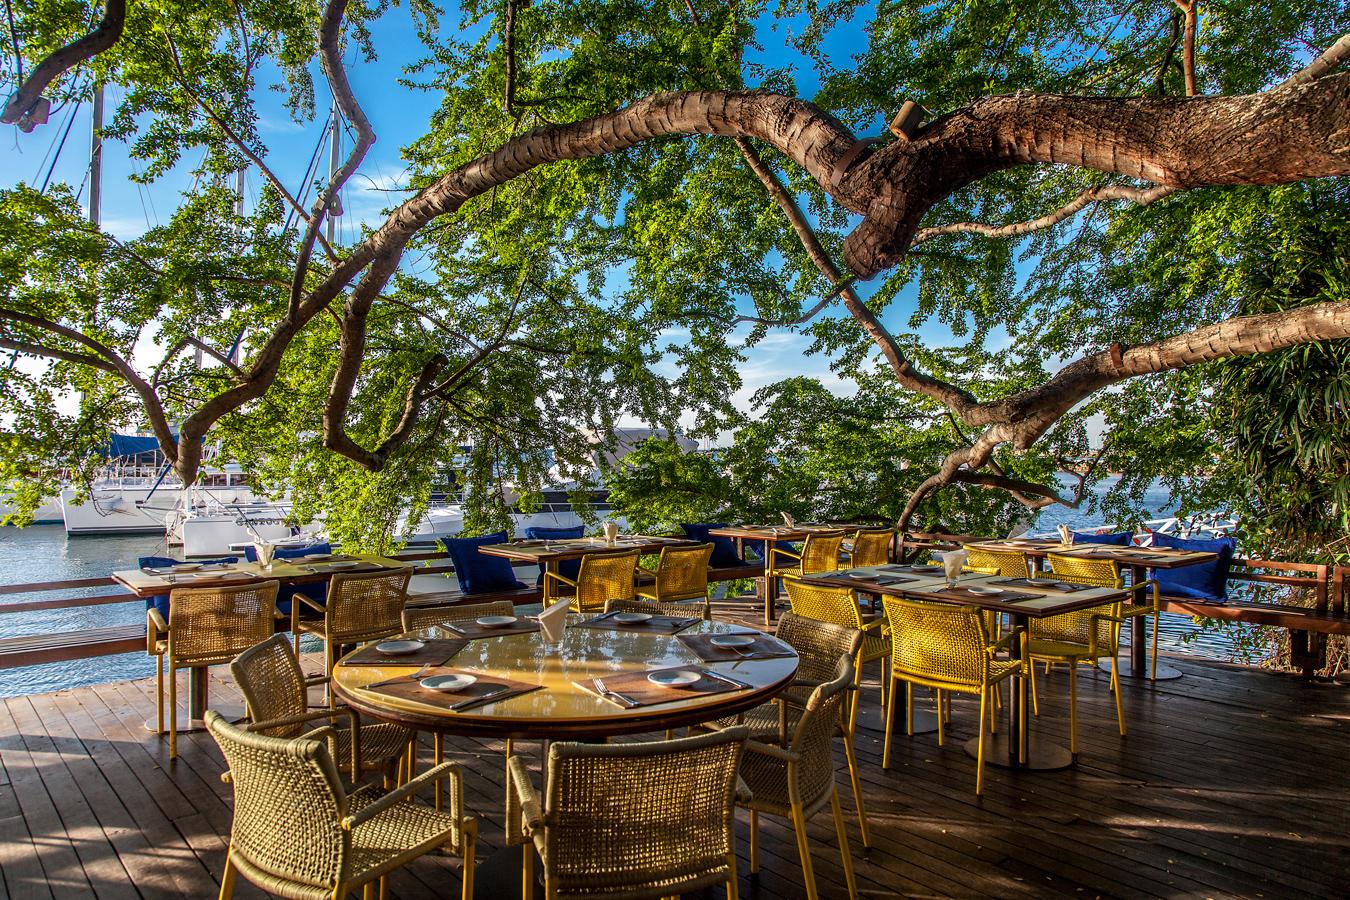 Lafayette em Salvador (SA) - Preço, endereço, menu, reserva e horário de  funcionamento do restaurante